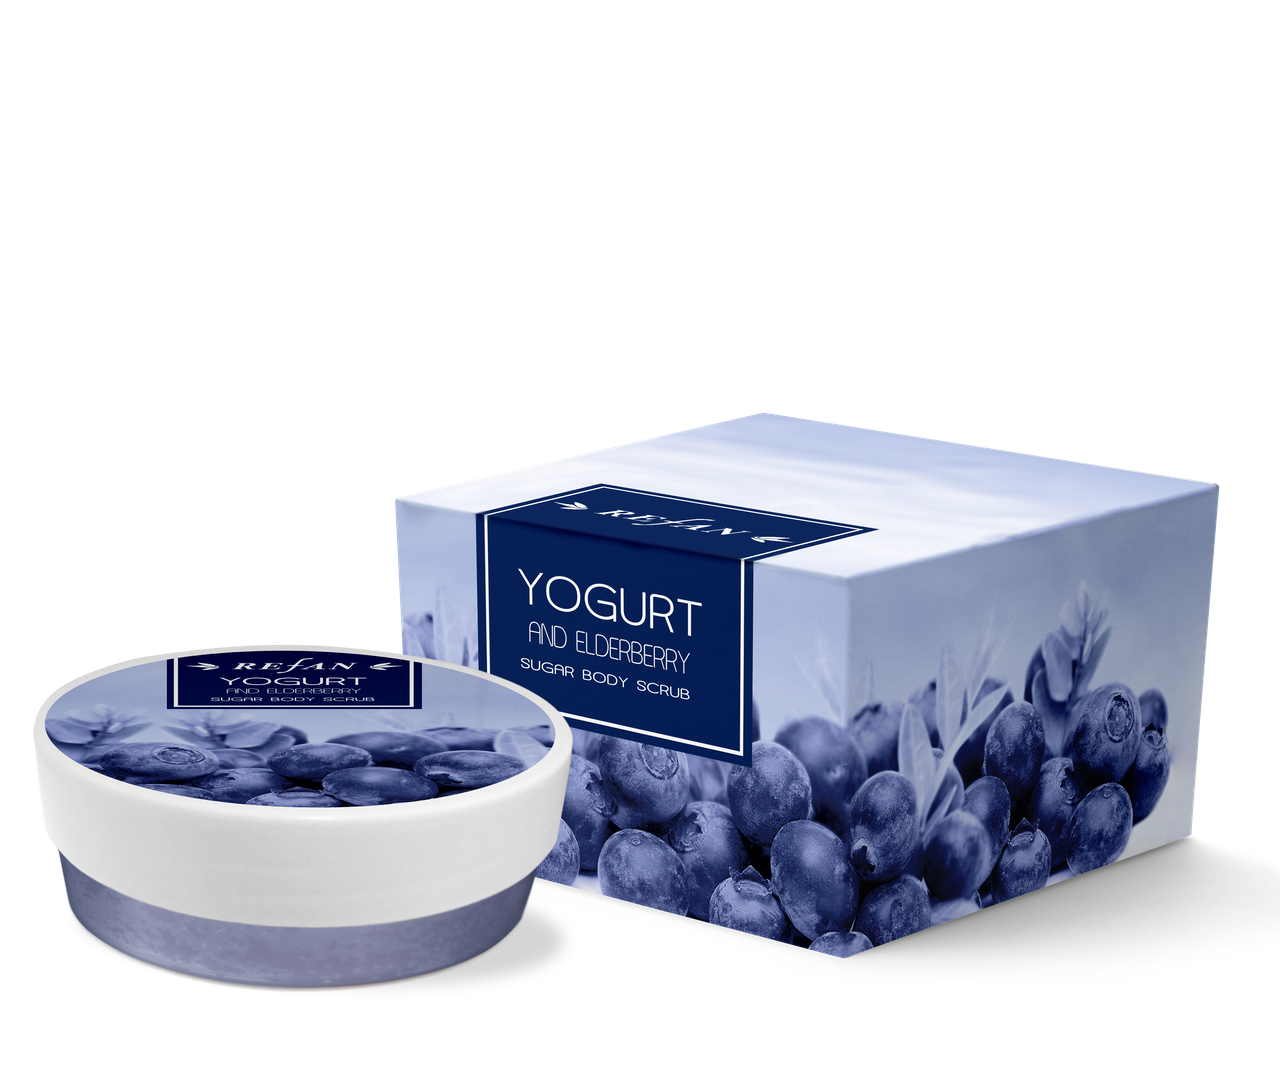 """Сахарный скраб для тела """" Йогурт и бузина"""" - Refan - наливная парфюмерия и натуральная косметика   Рефан Украина в Одессе"""